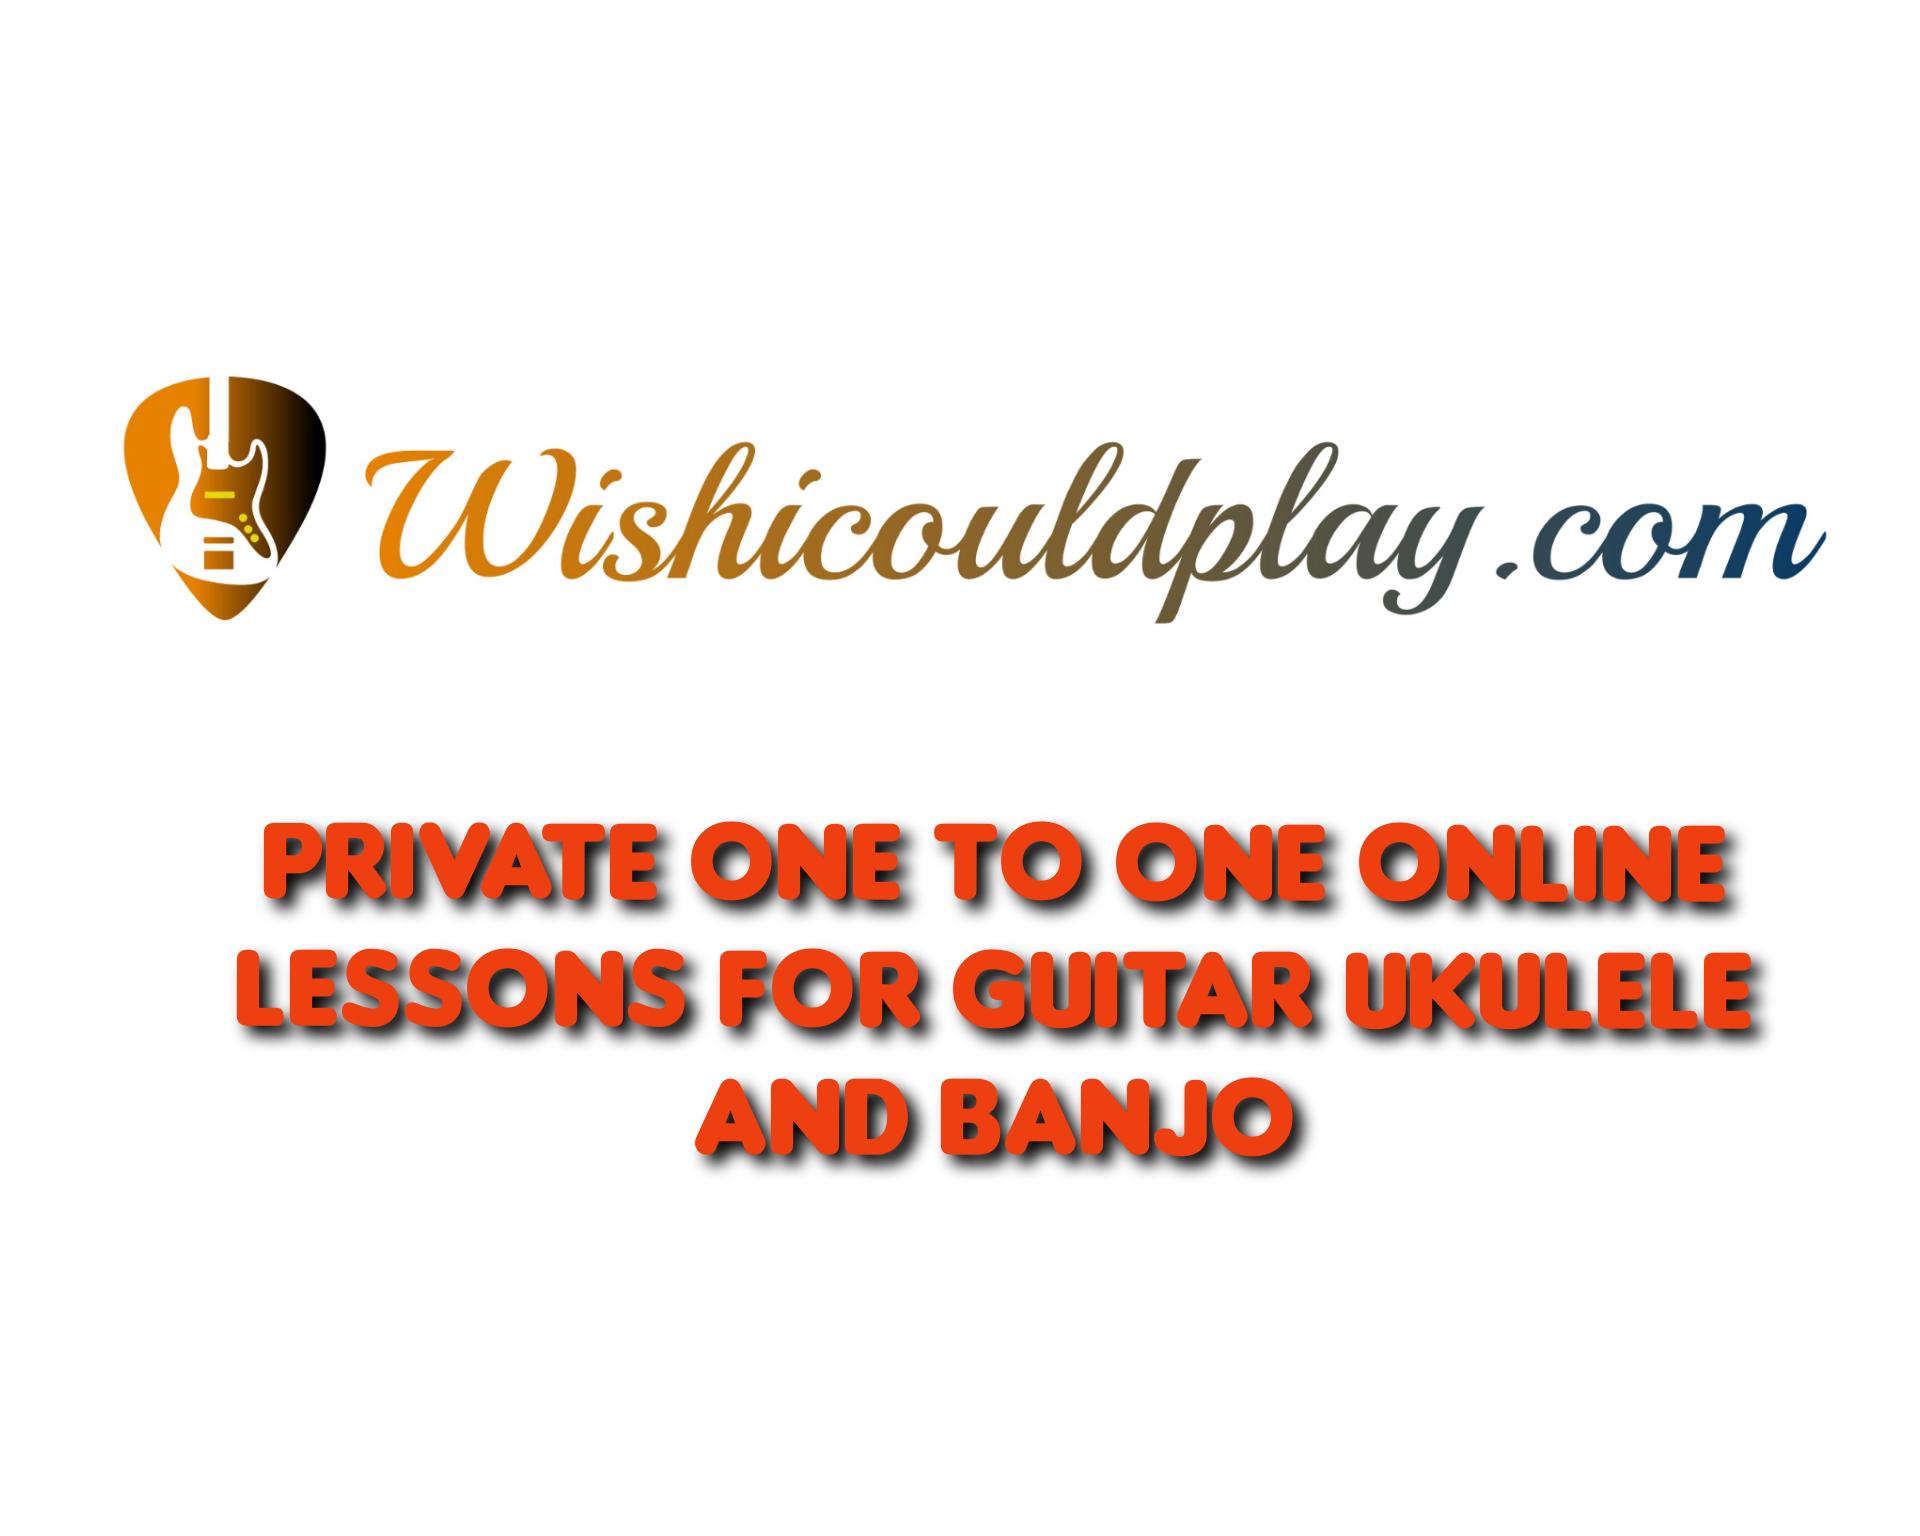 Guitar ukulele and banjo lessons image 1